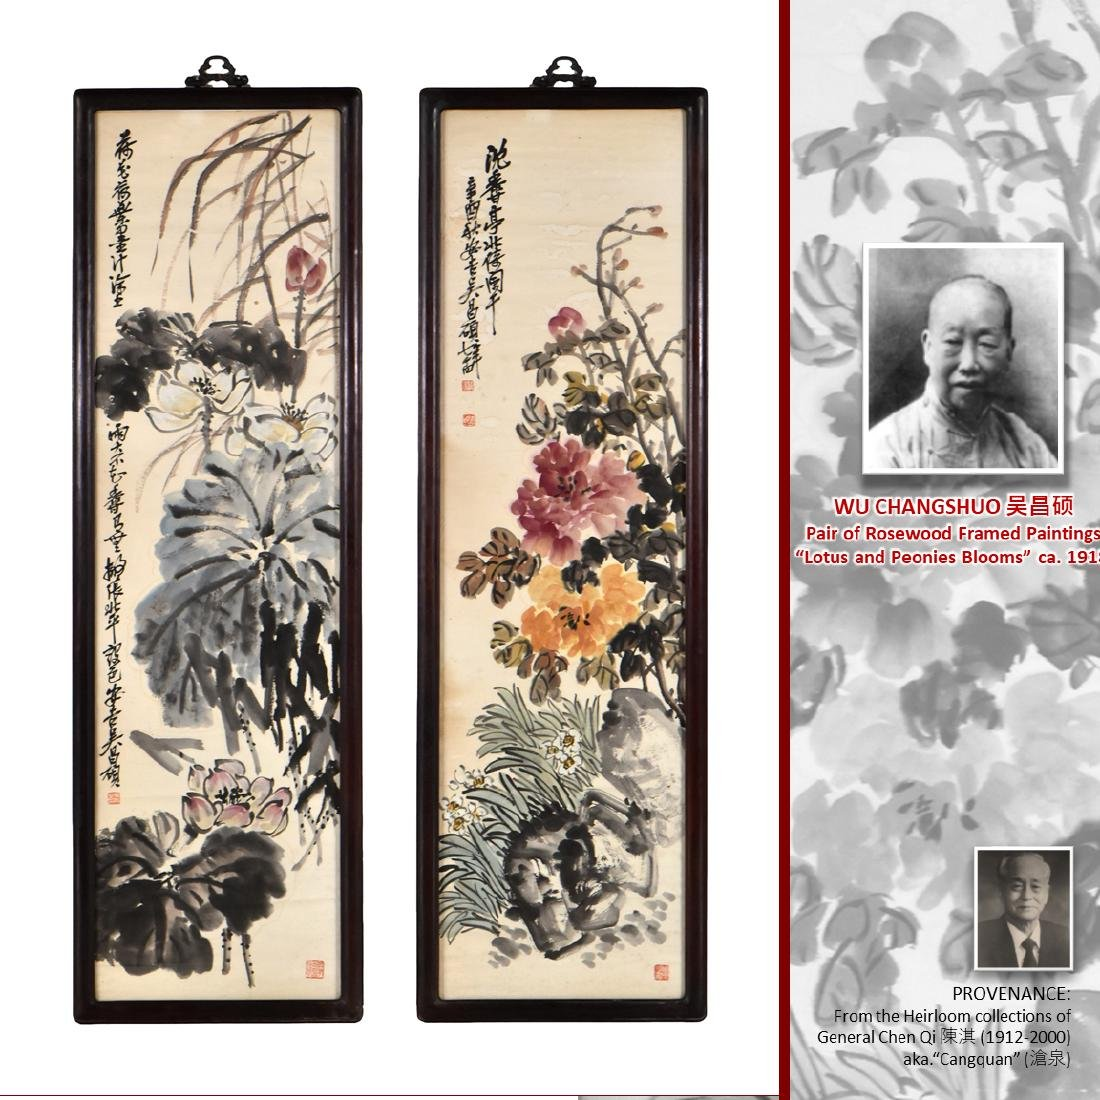 WU CHANGSHUO, PAIR OF FRAMED FLOWER PAINTINGS, CA. 1918